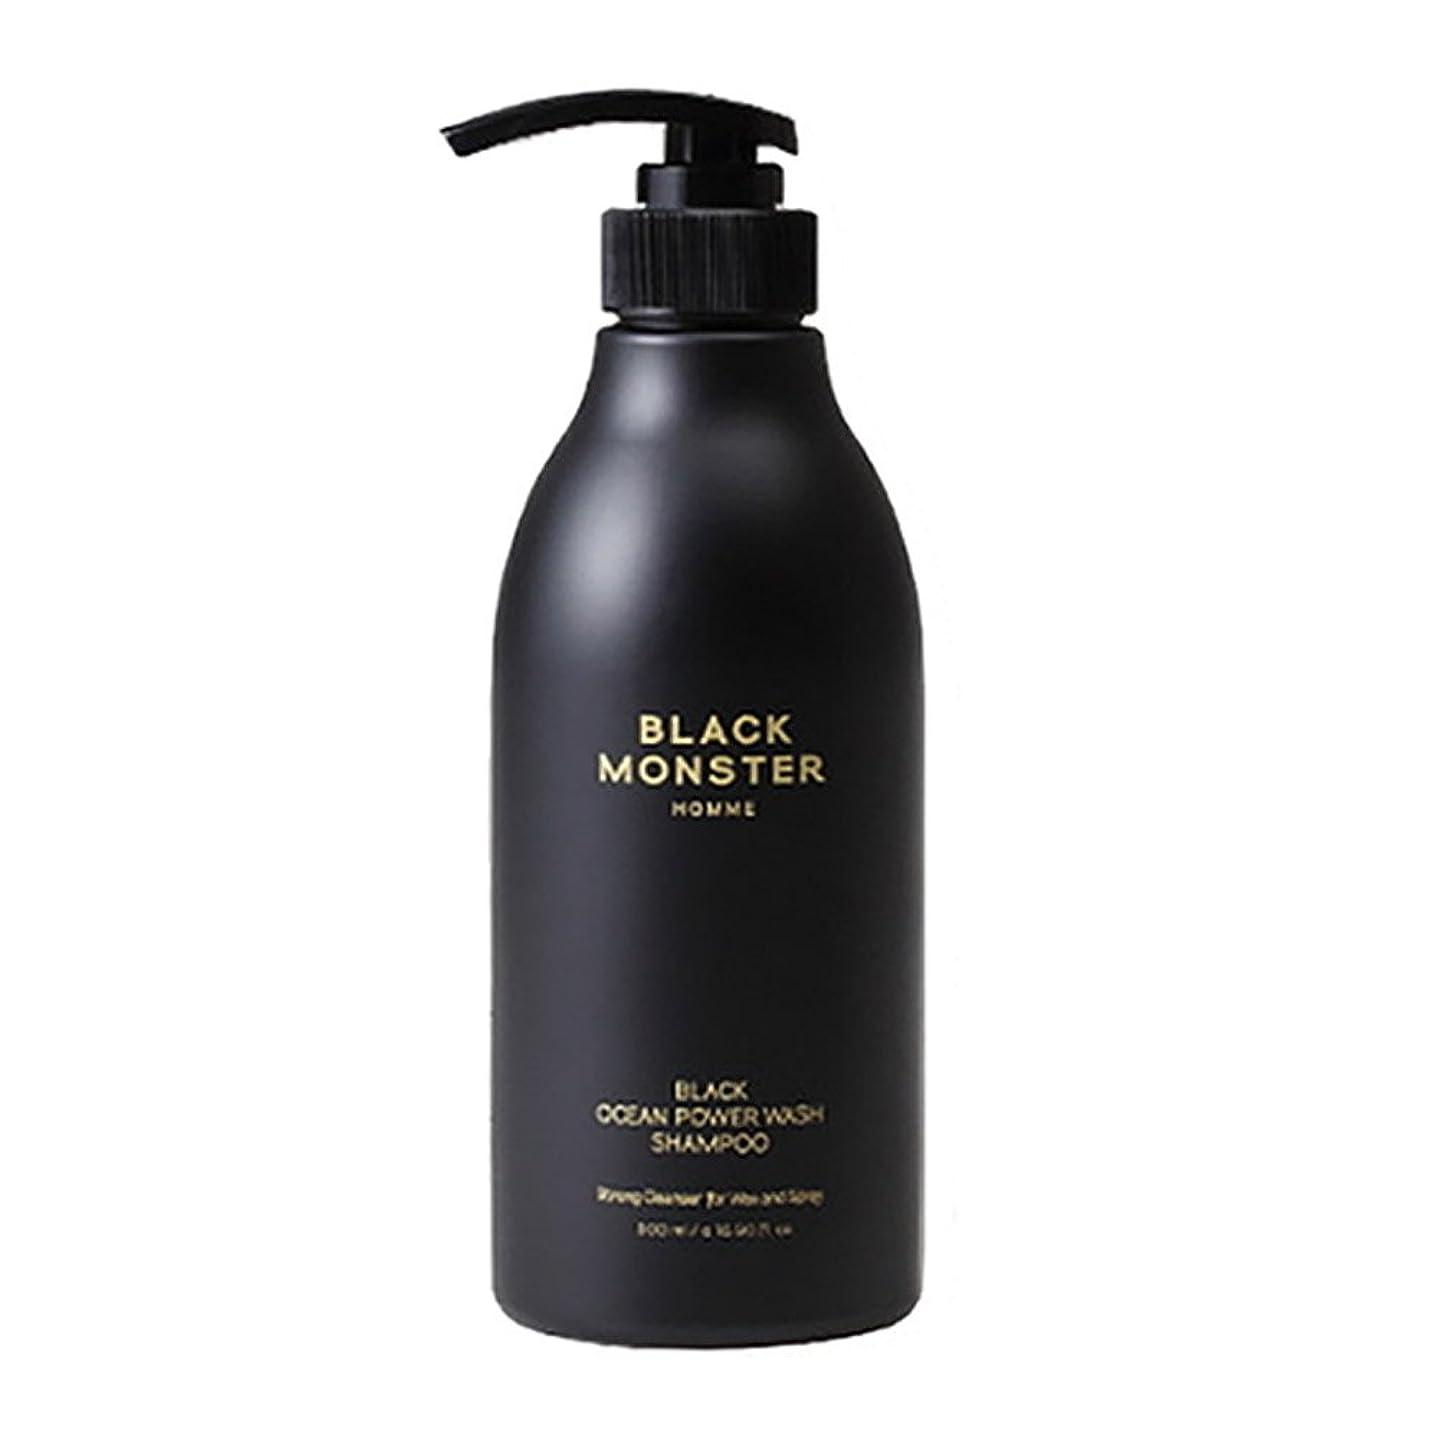 ピクニック夏無条件[ブレンクTV] blanktv Black Monster ブラックオーシャンシャンプ 500ml 海外直送品 black ocean shampoo [並行輸入品]